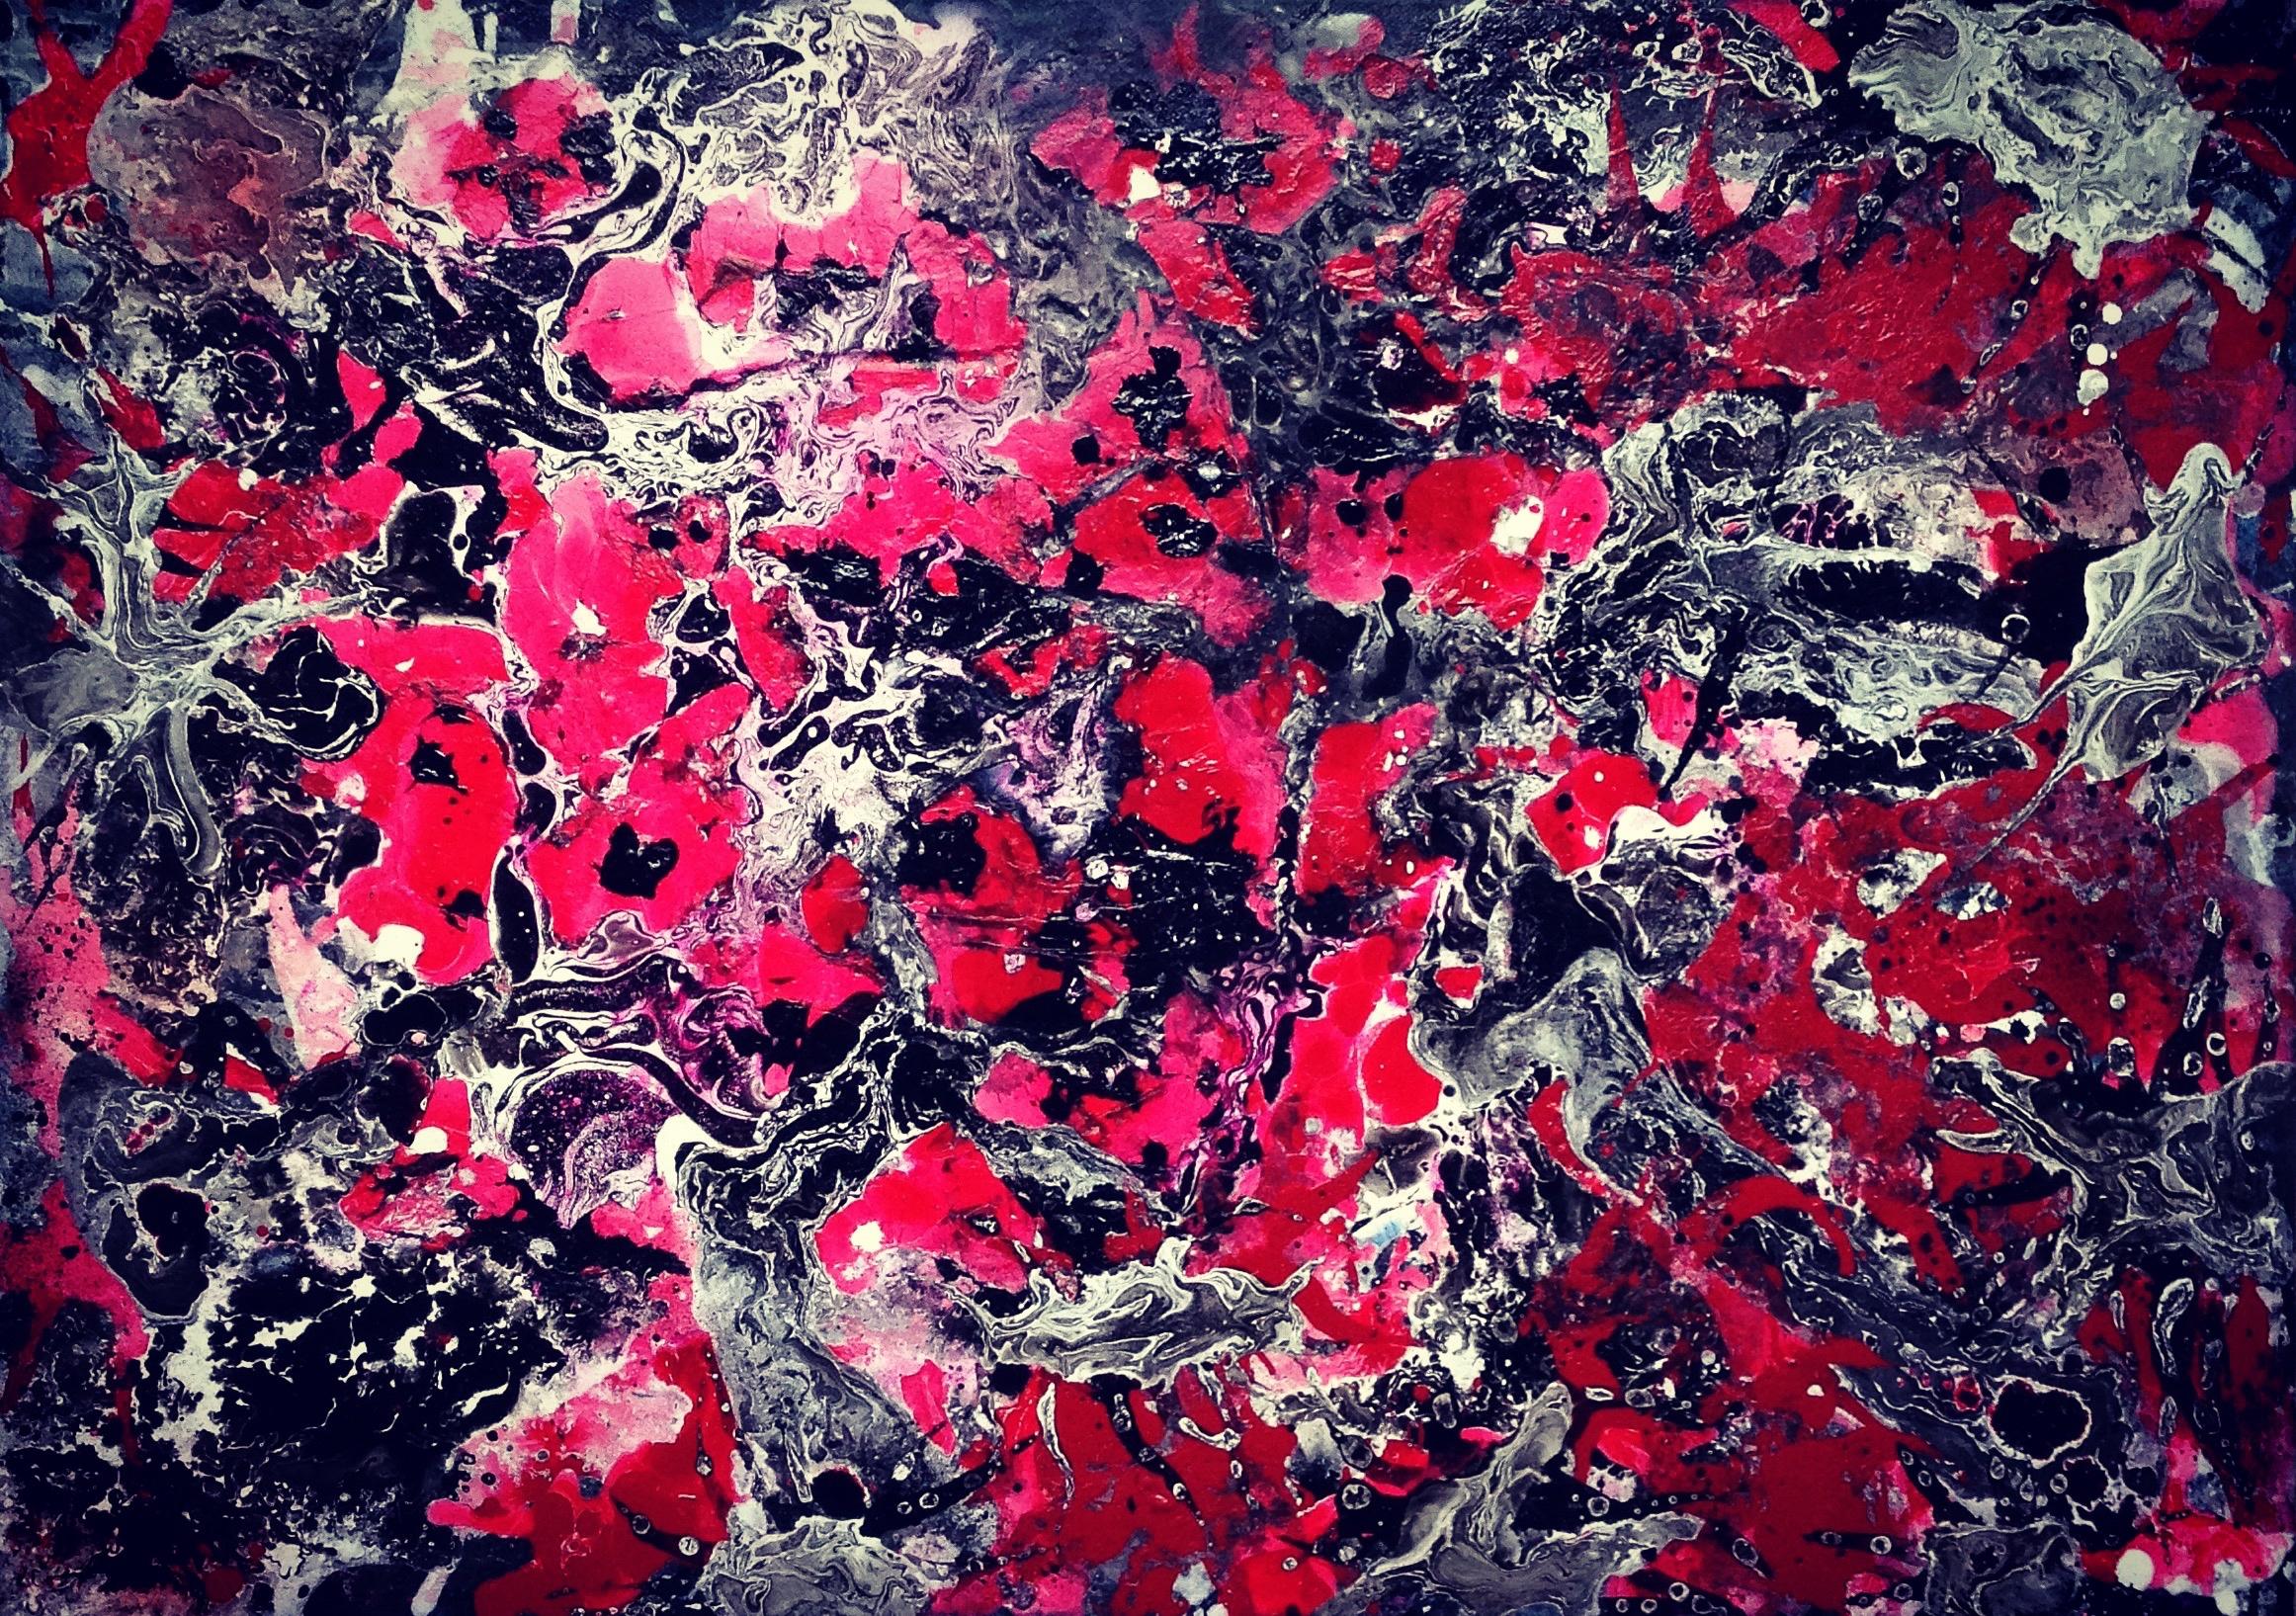 Hintergrundbilder : bunt, abstrakt, rot, Kunstwerk, Muster, KUNST ...